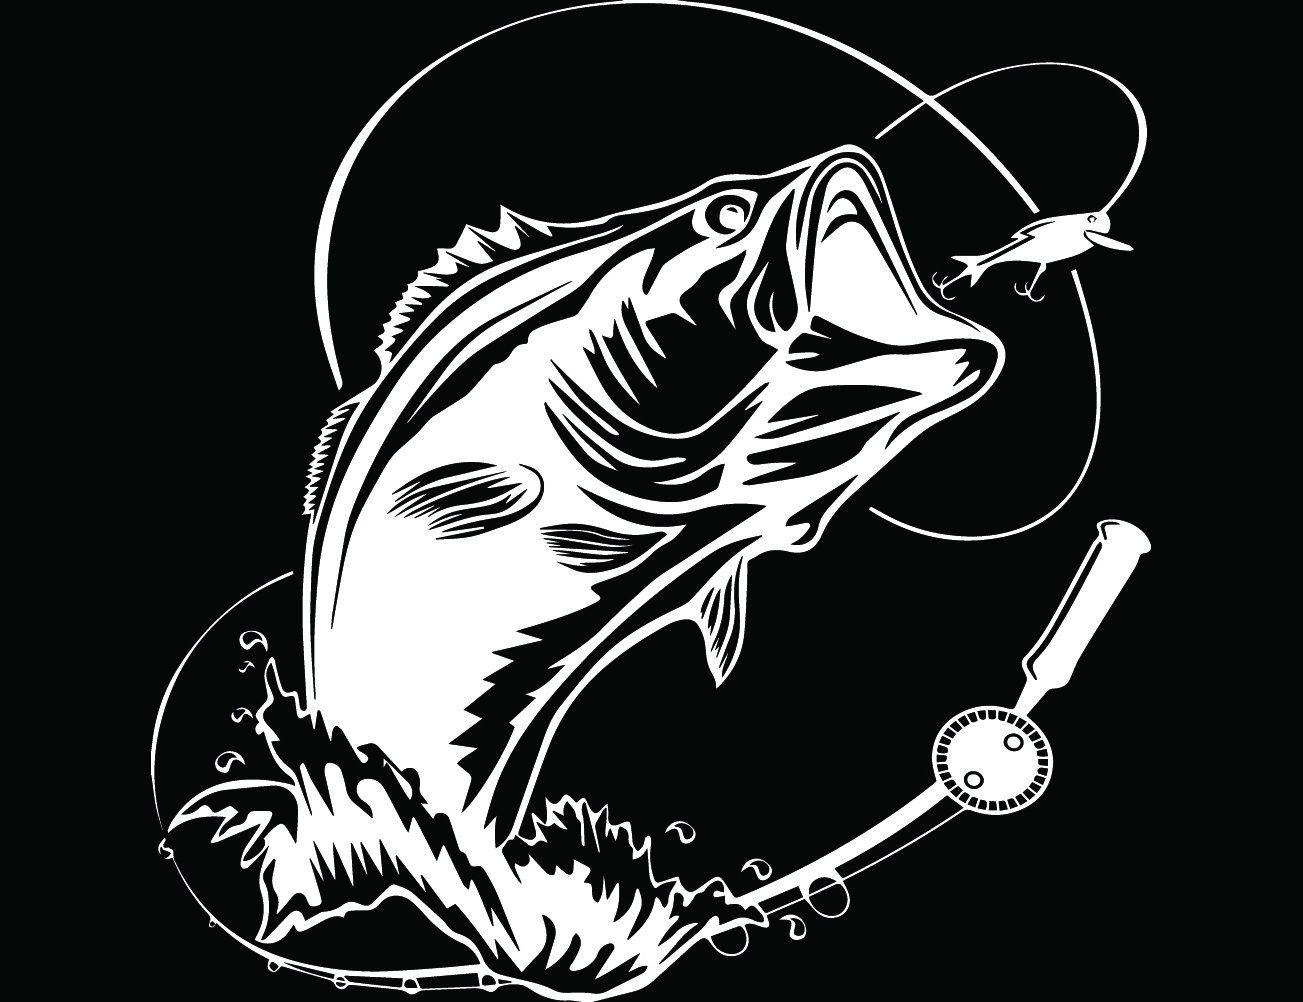 Pin by Jessica on cricut Bass fishing